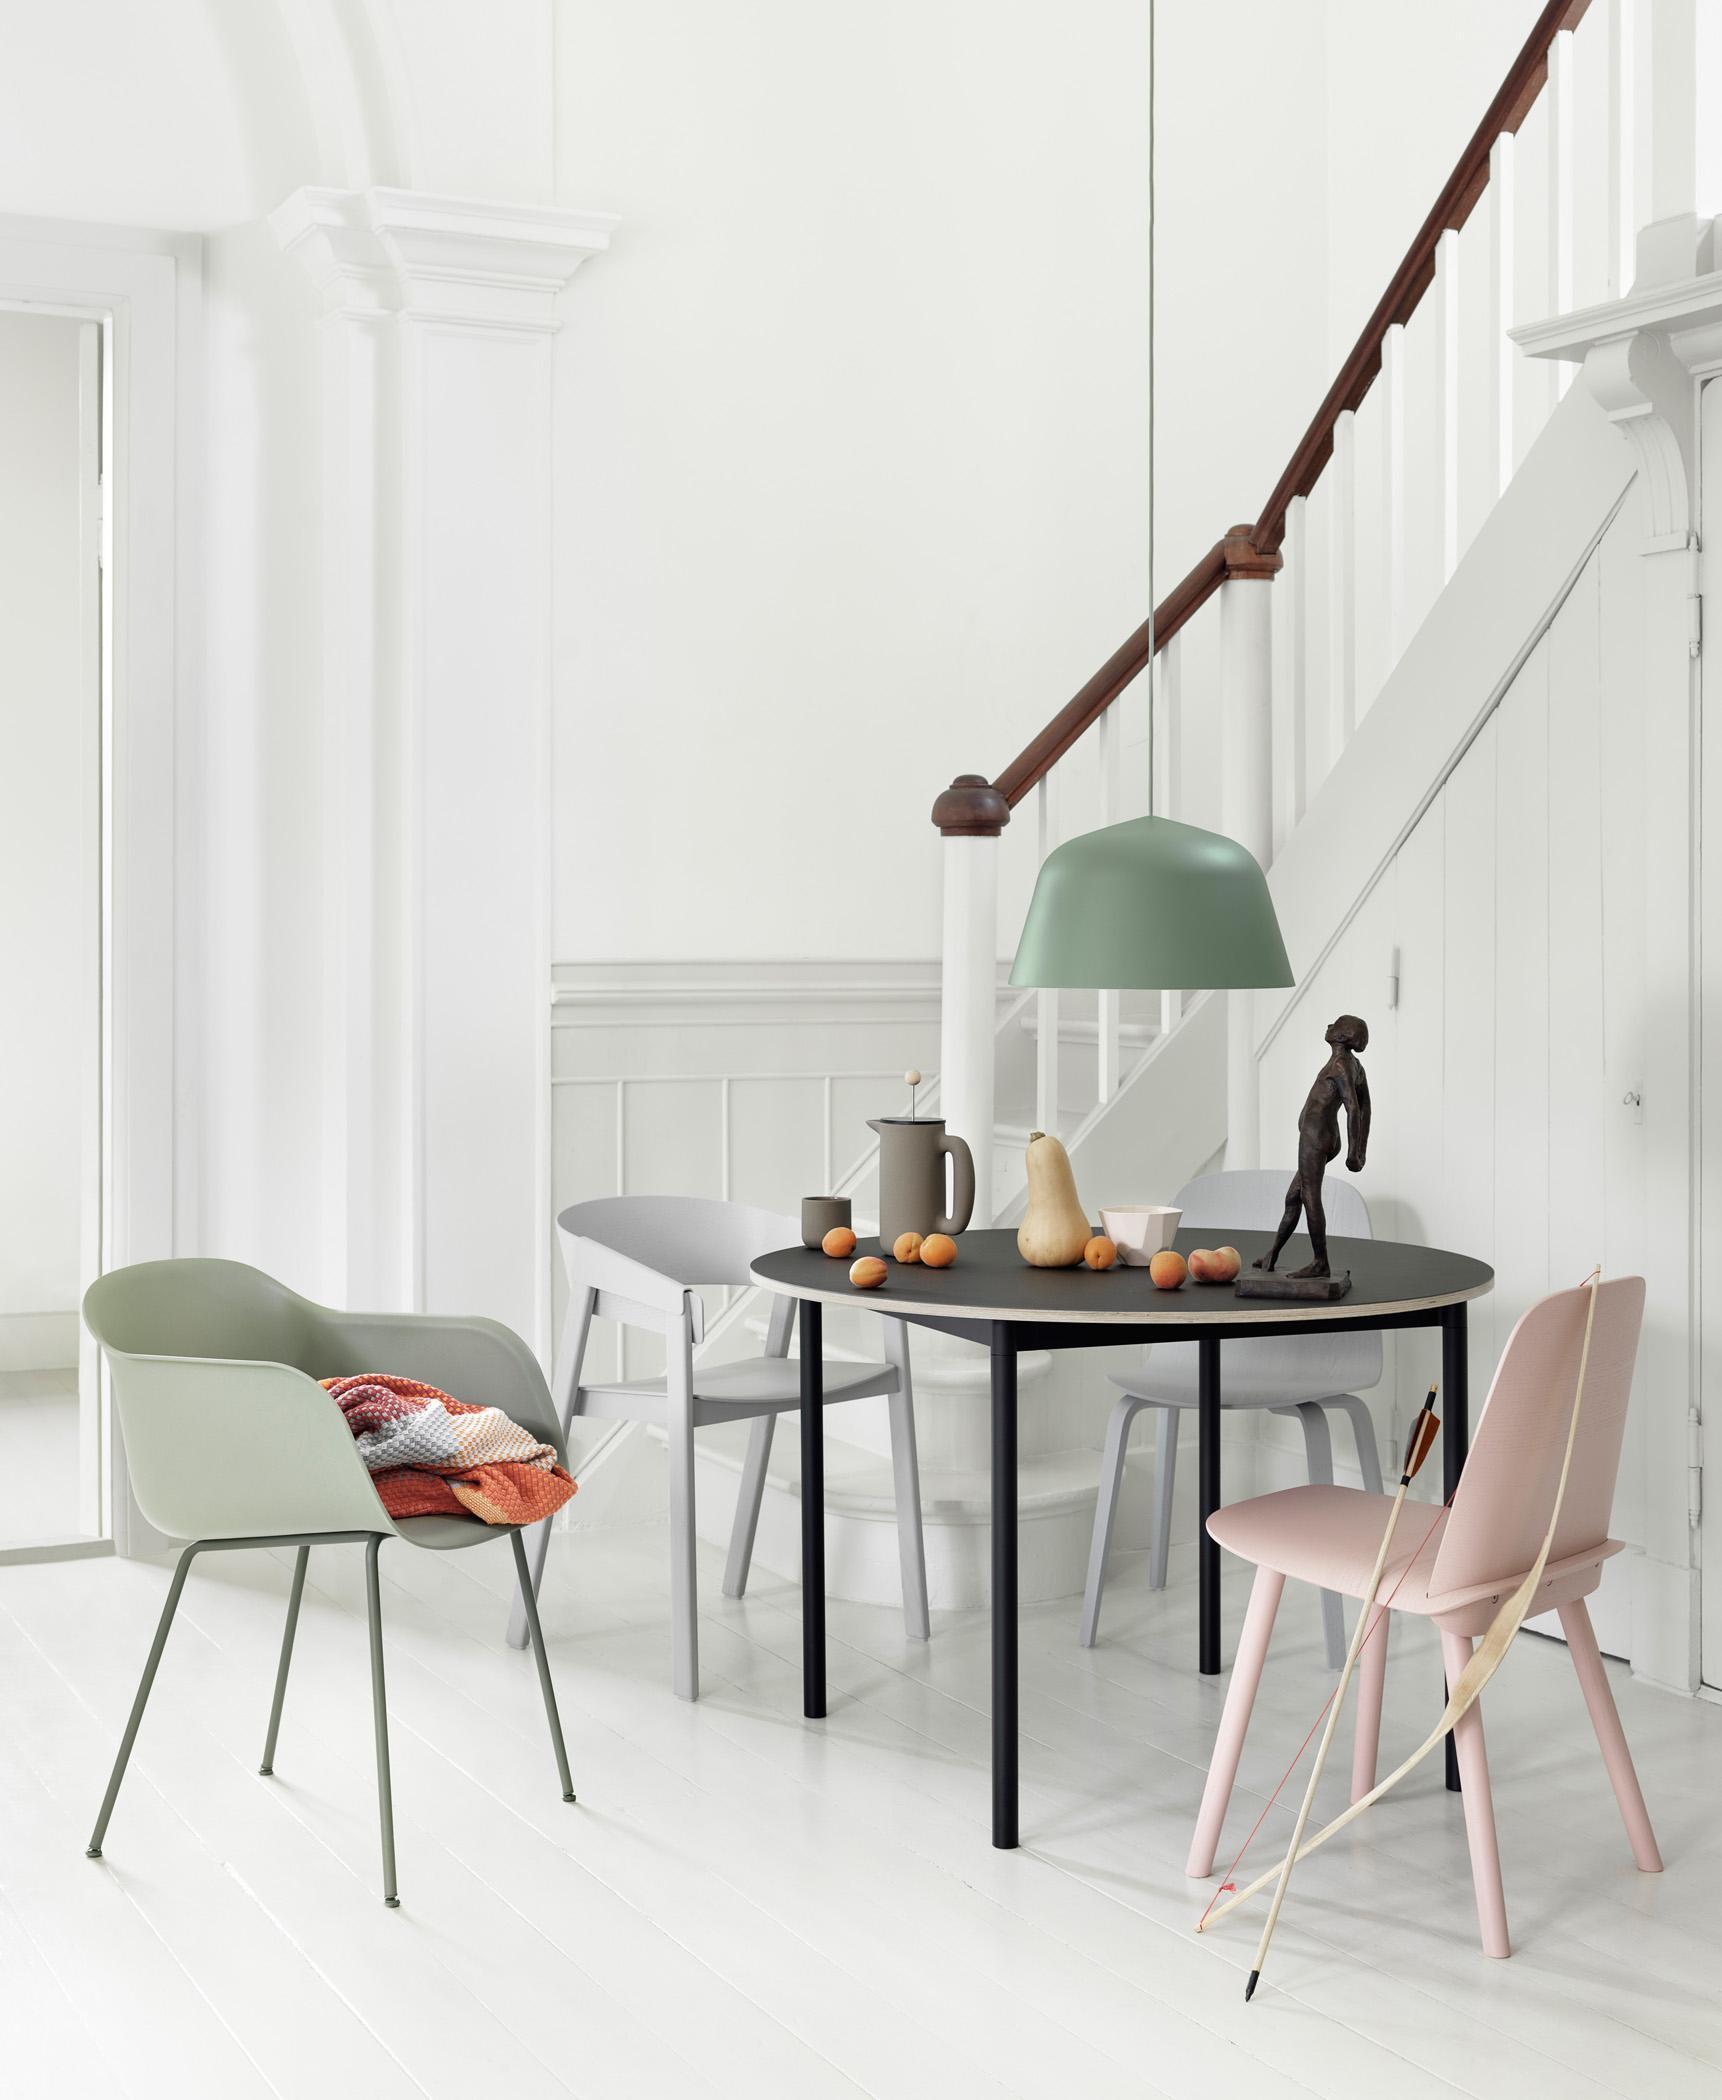 Runder Holztisch Esszimmer #18: Moderne Möbel Im Esszimmer #esstisch #pendelleuchte #runderesstisch  #rundertisch #zimmergestaltung ©Muuto